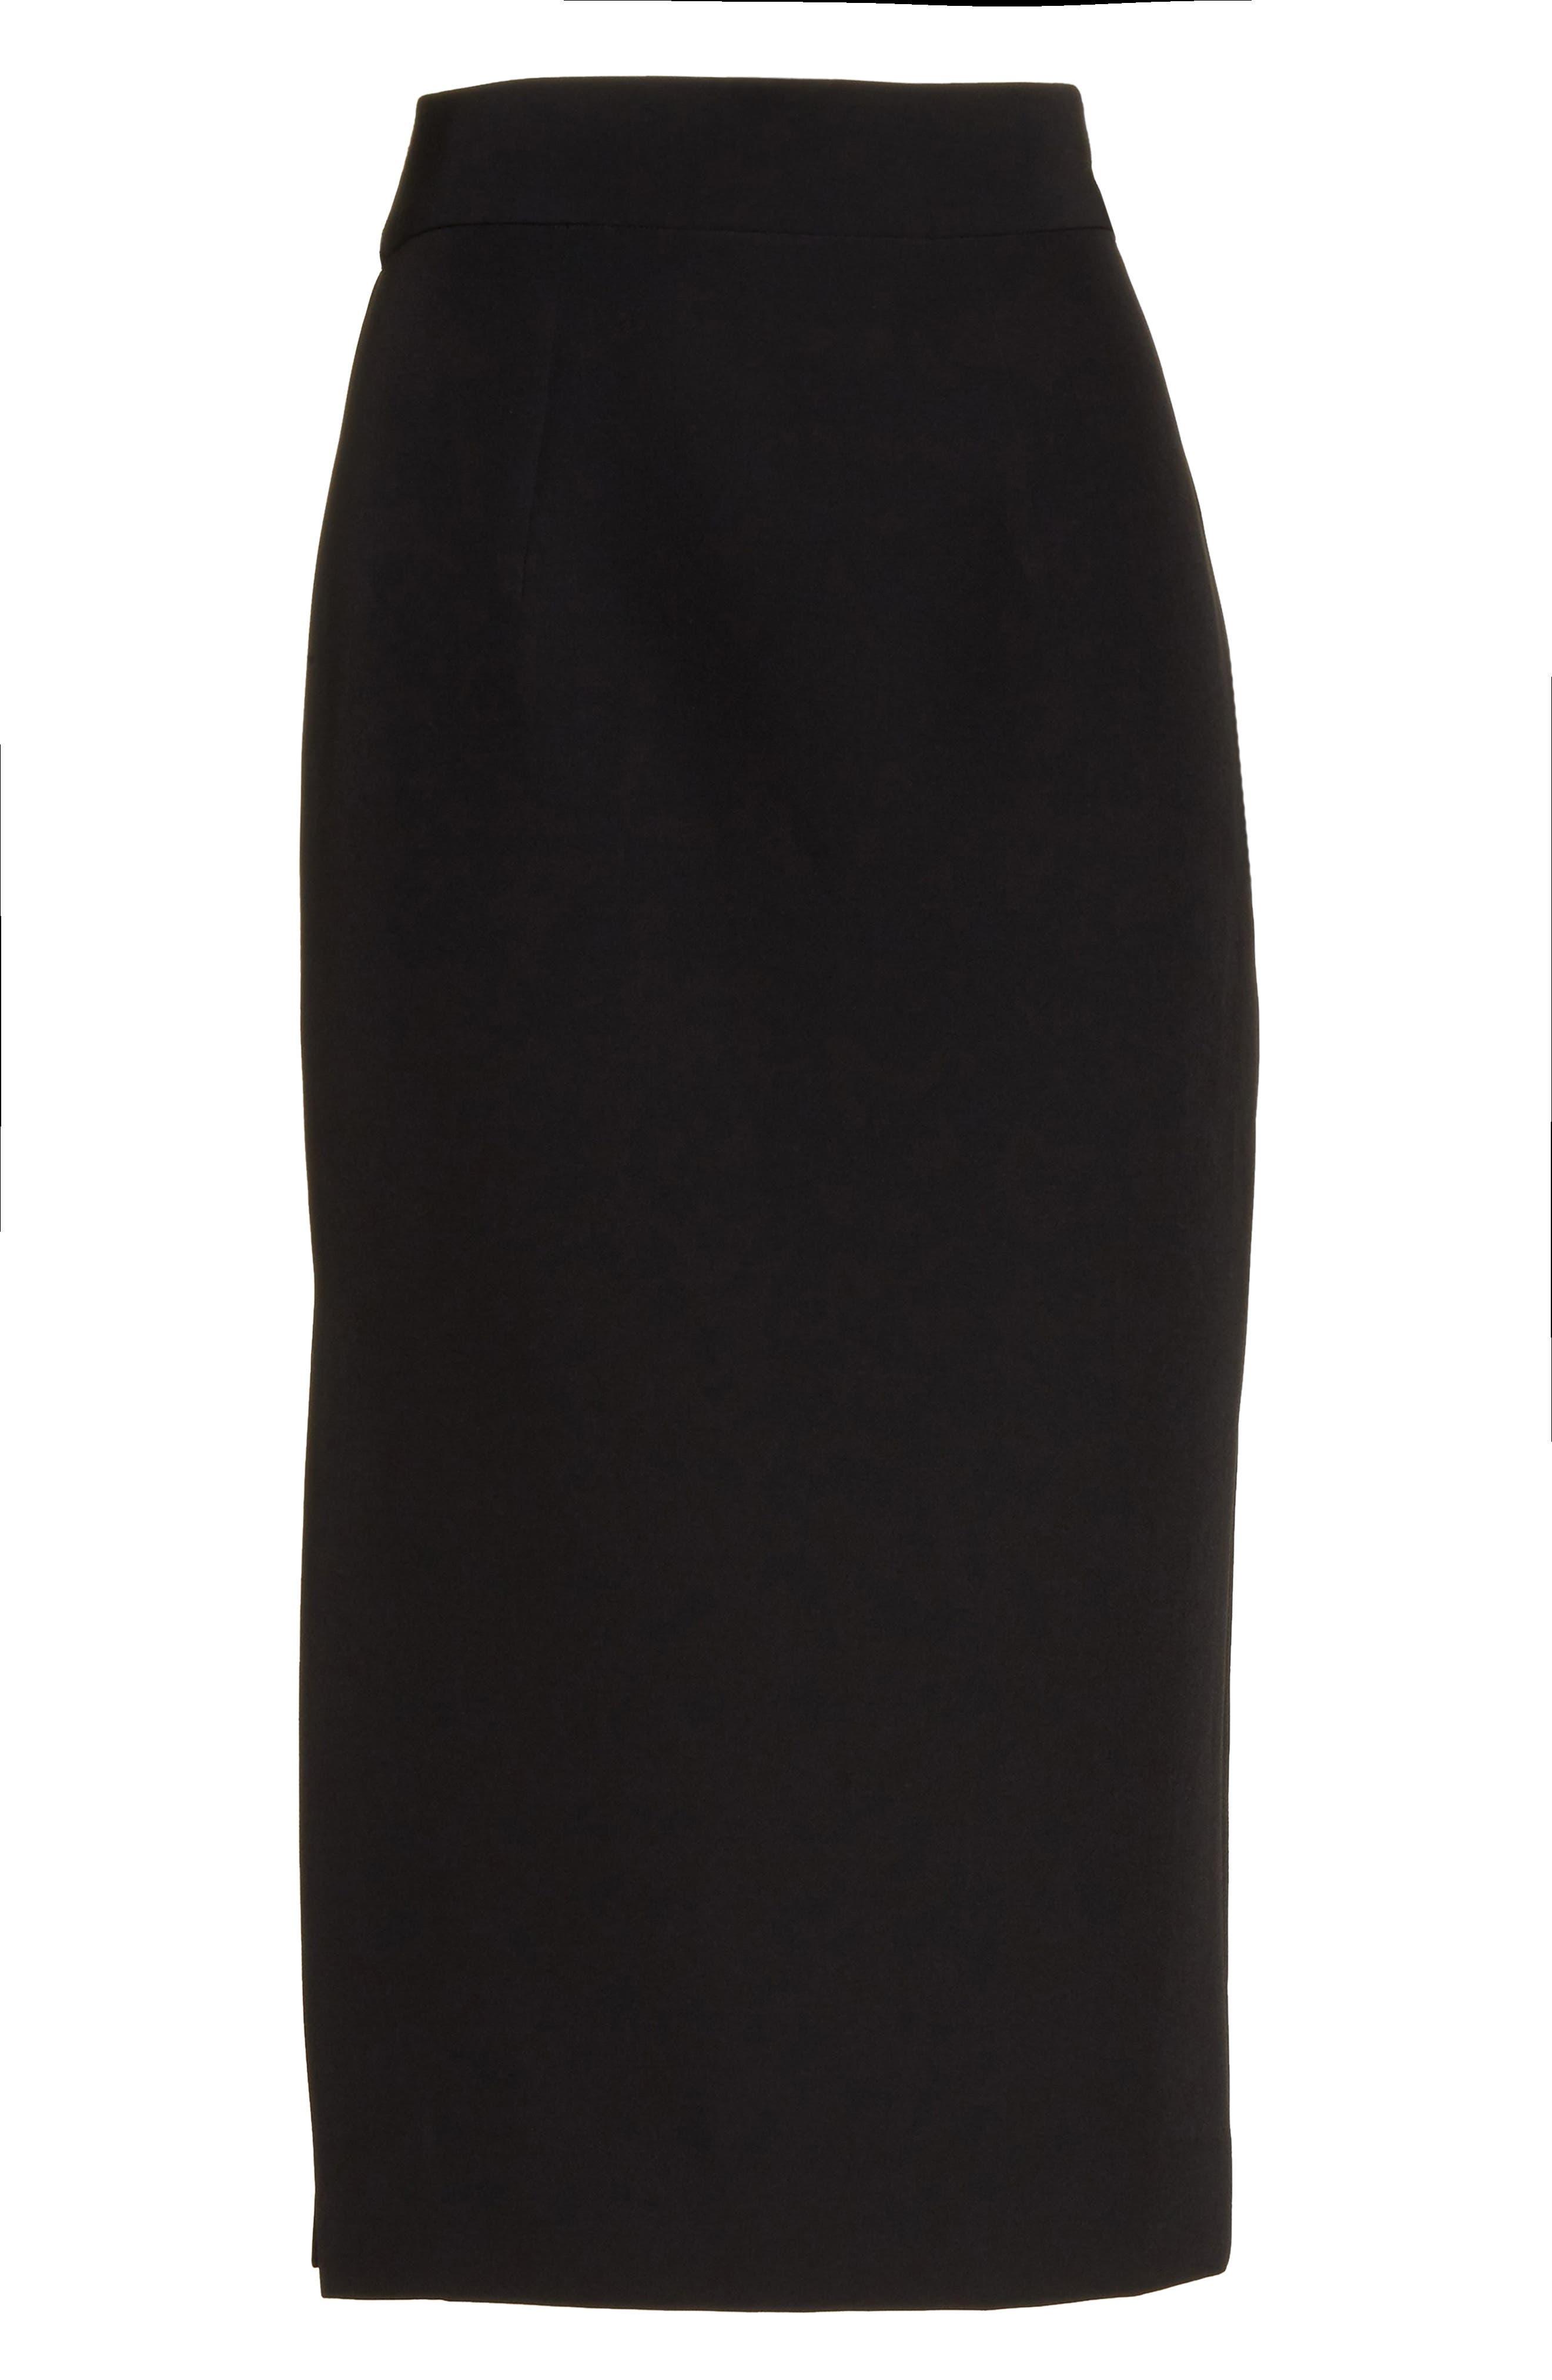 Italian Cady Side Slit Skirt,                             Alternate thumbnail 6, color,                             Black